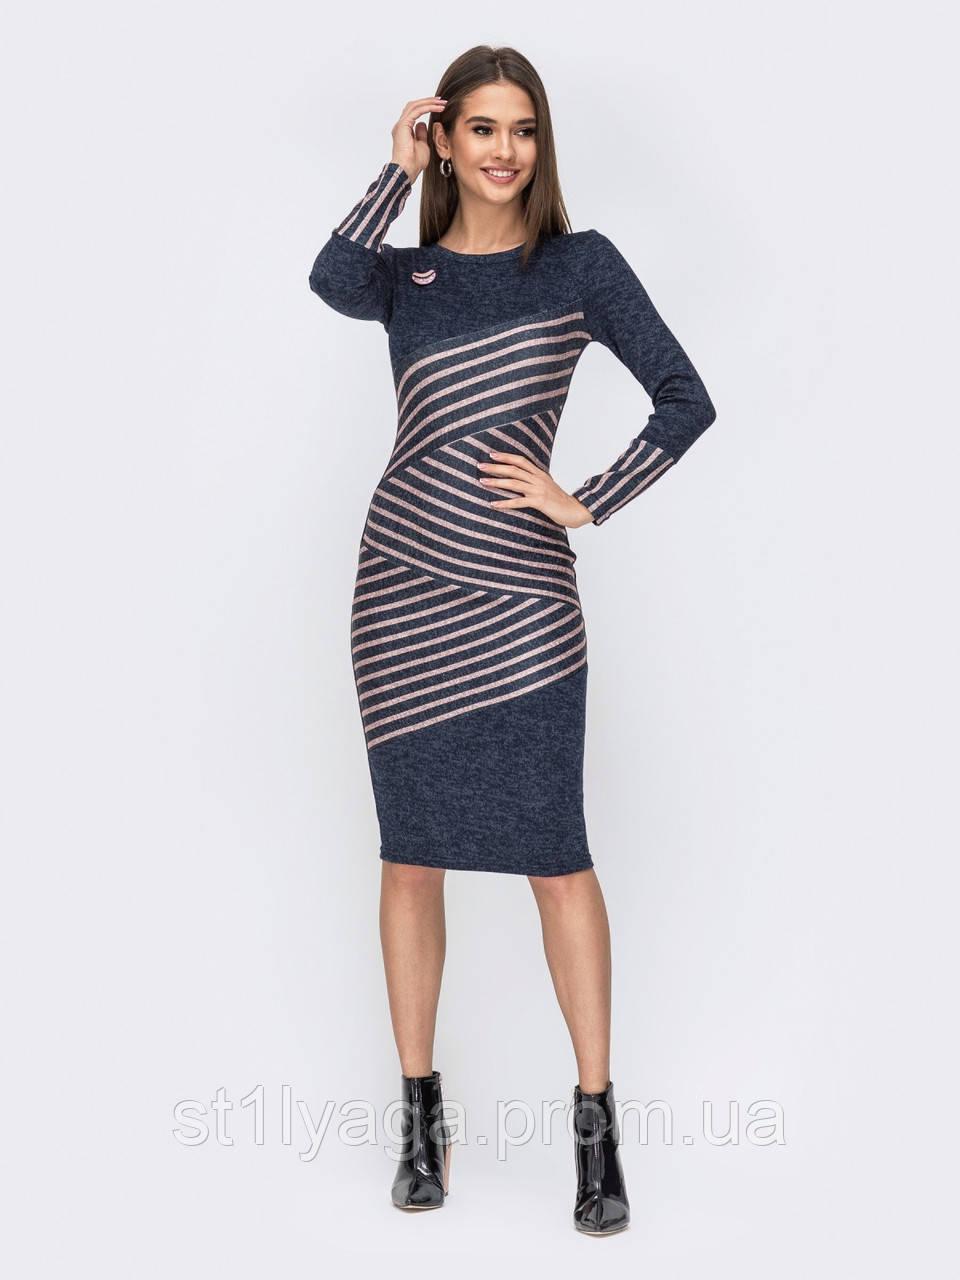 Приталенное трикотажное платье-миди в диагональные полосы по полочке